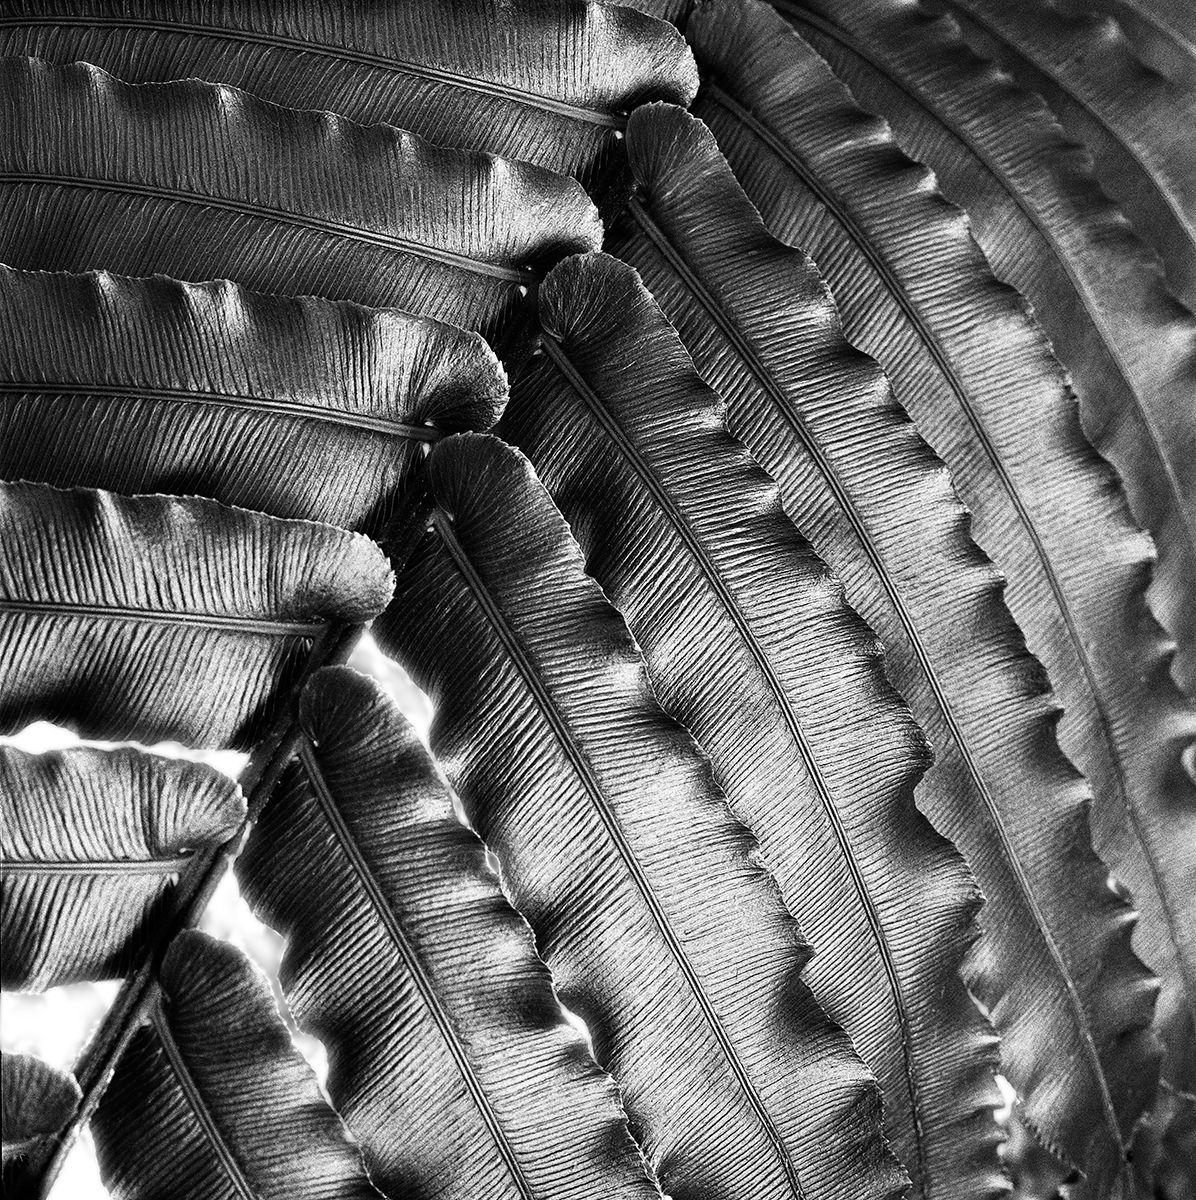 Leaf Layers Flat copy.jpg